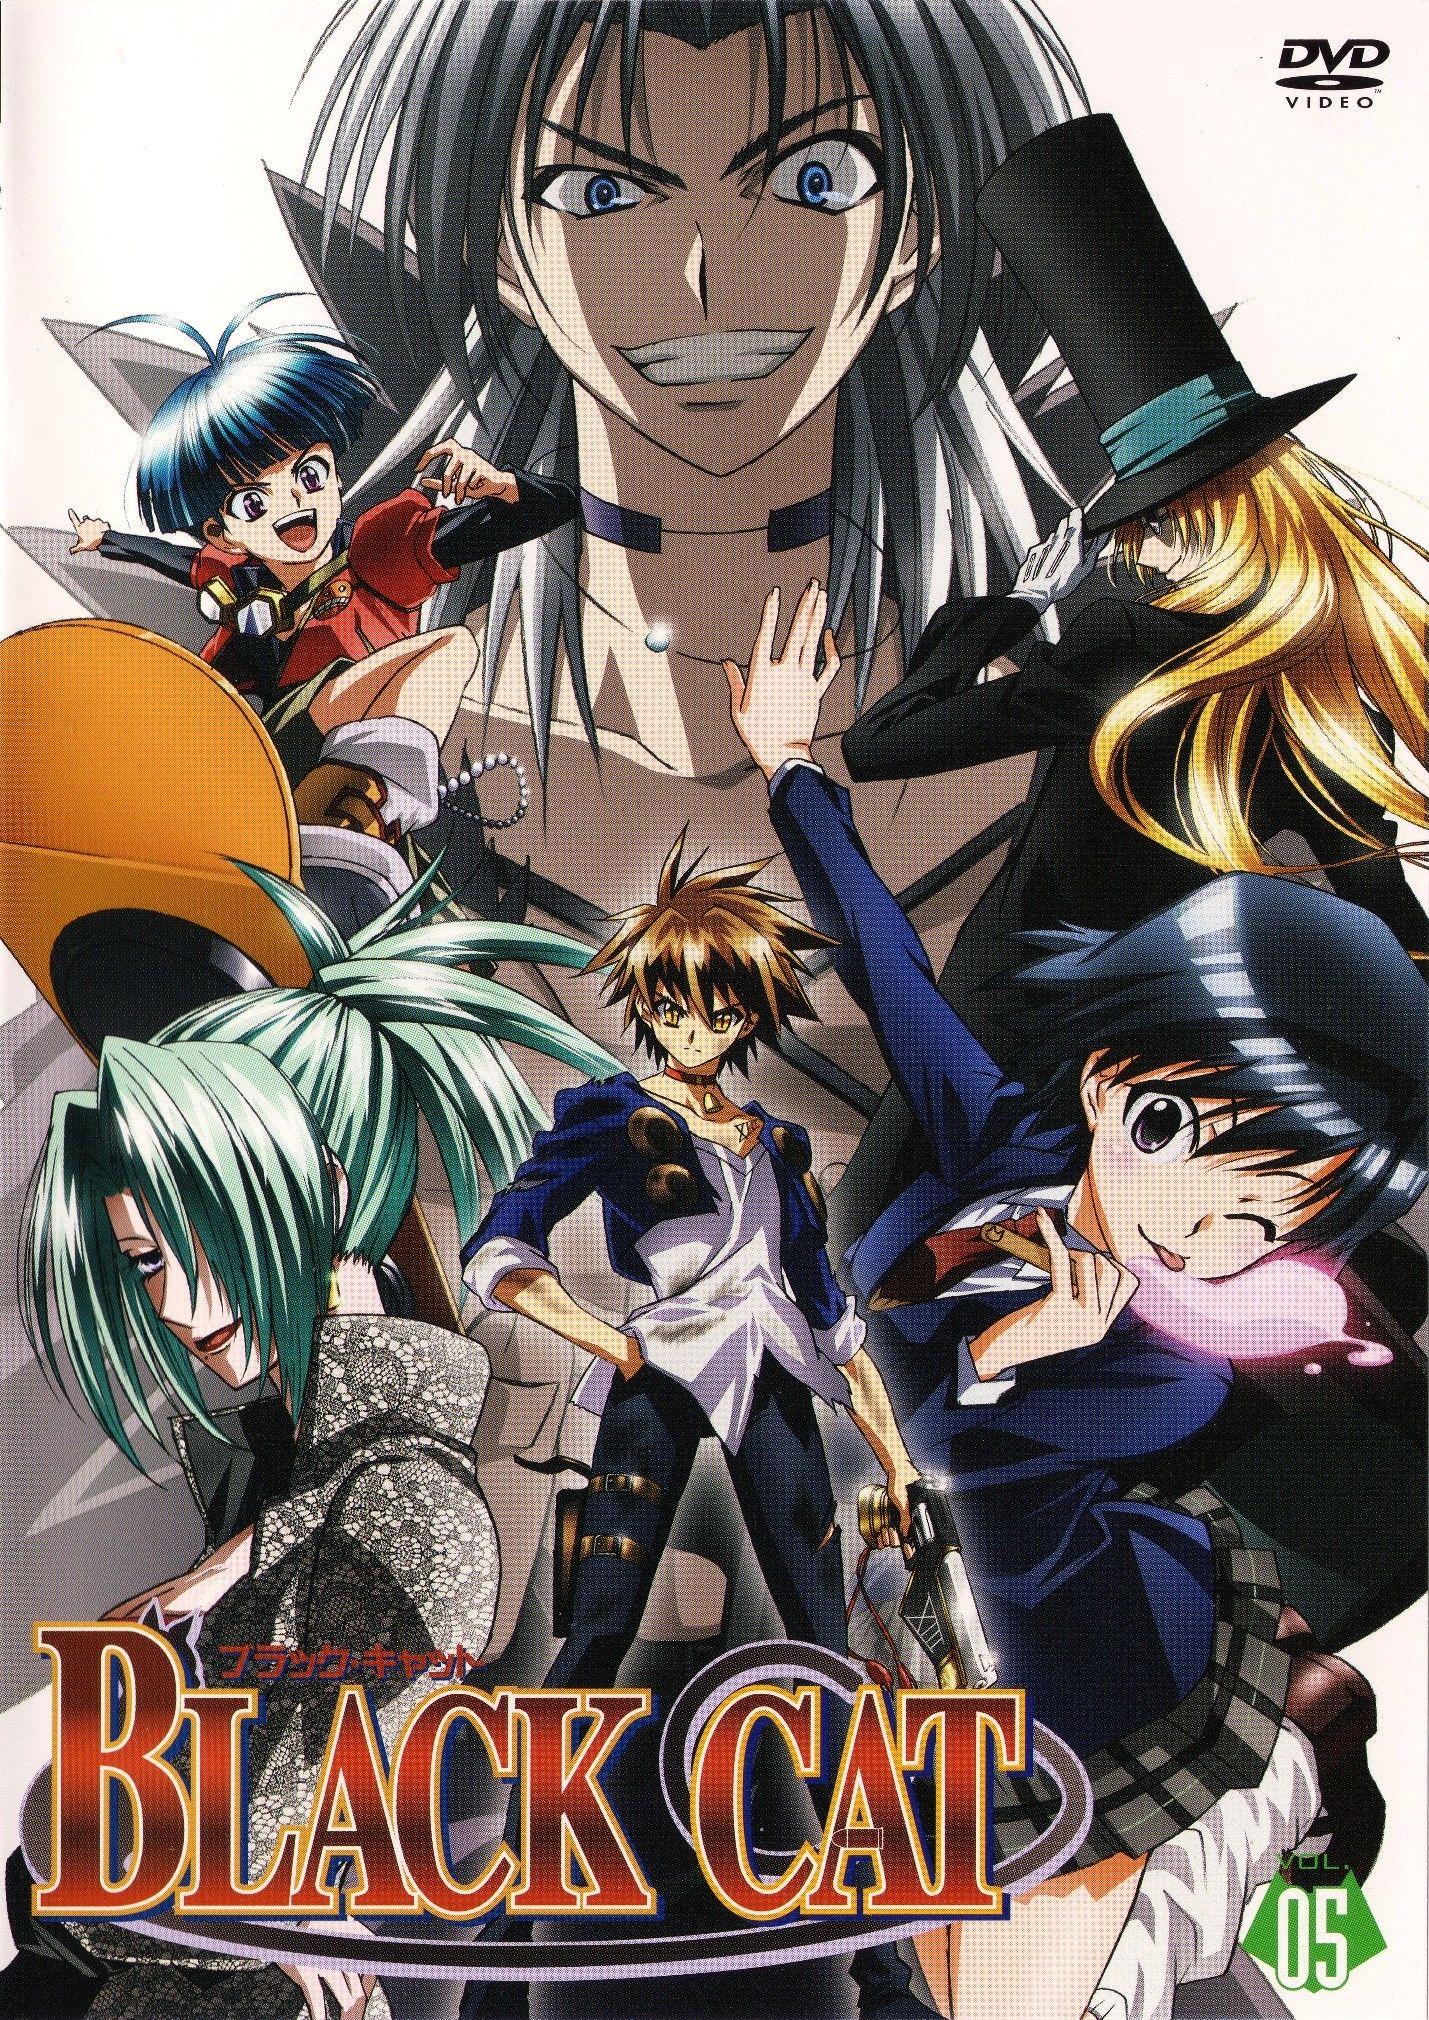 ブラックキャット // Black Cat Black cat anime, Anime, Black cat